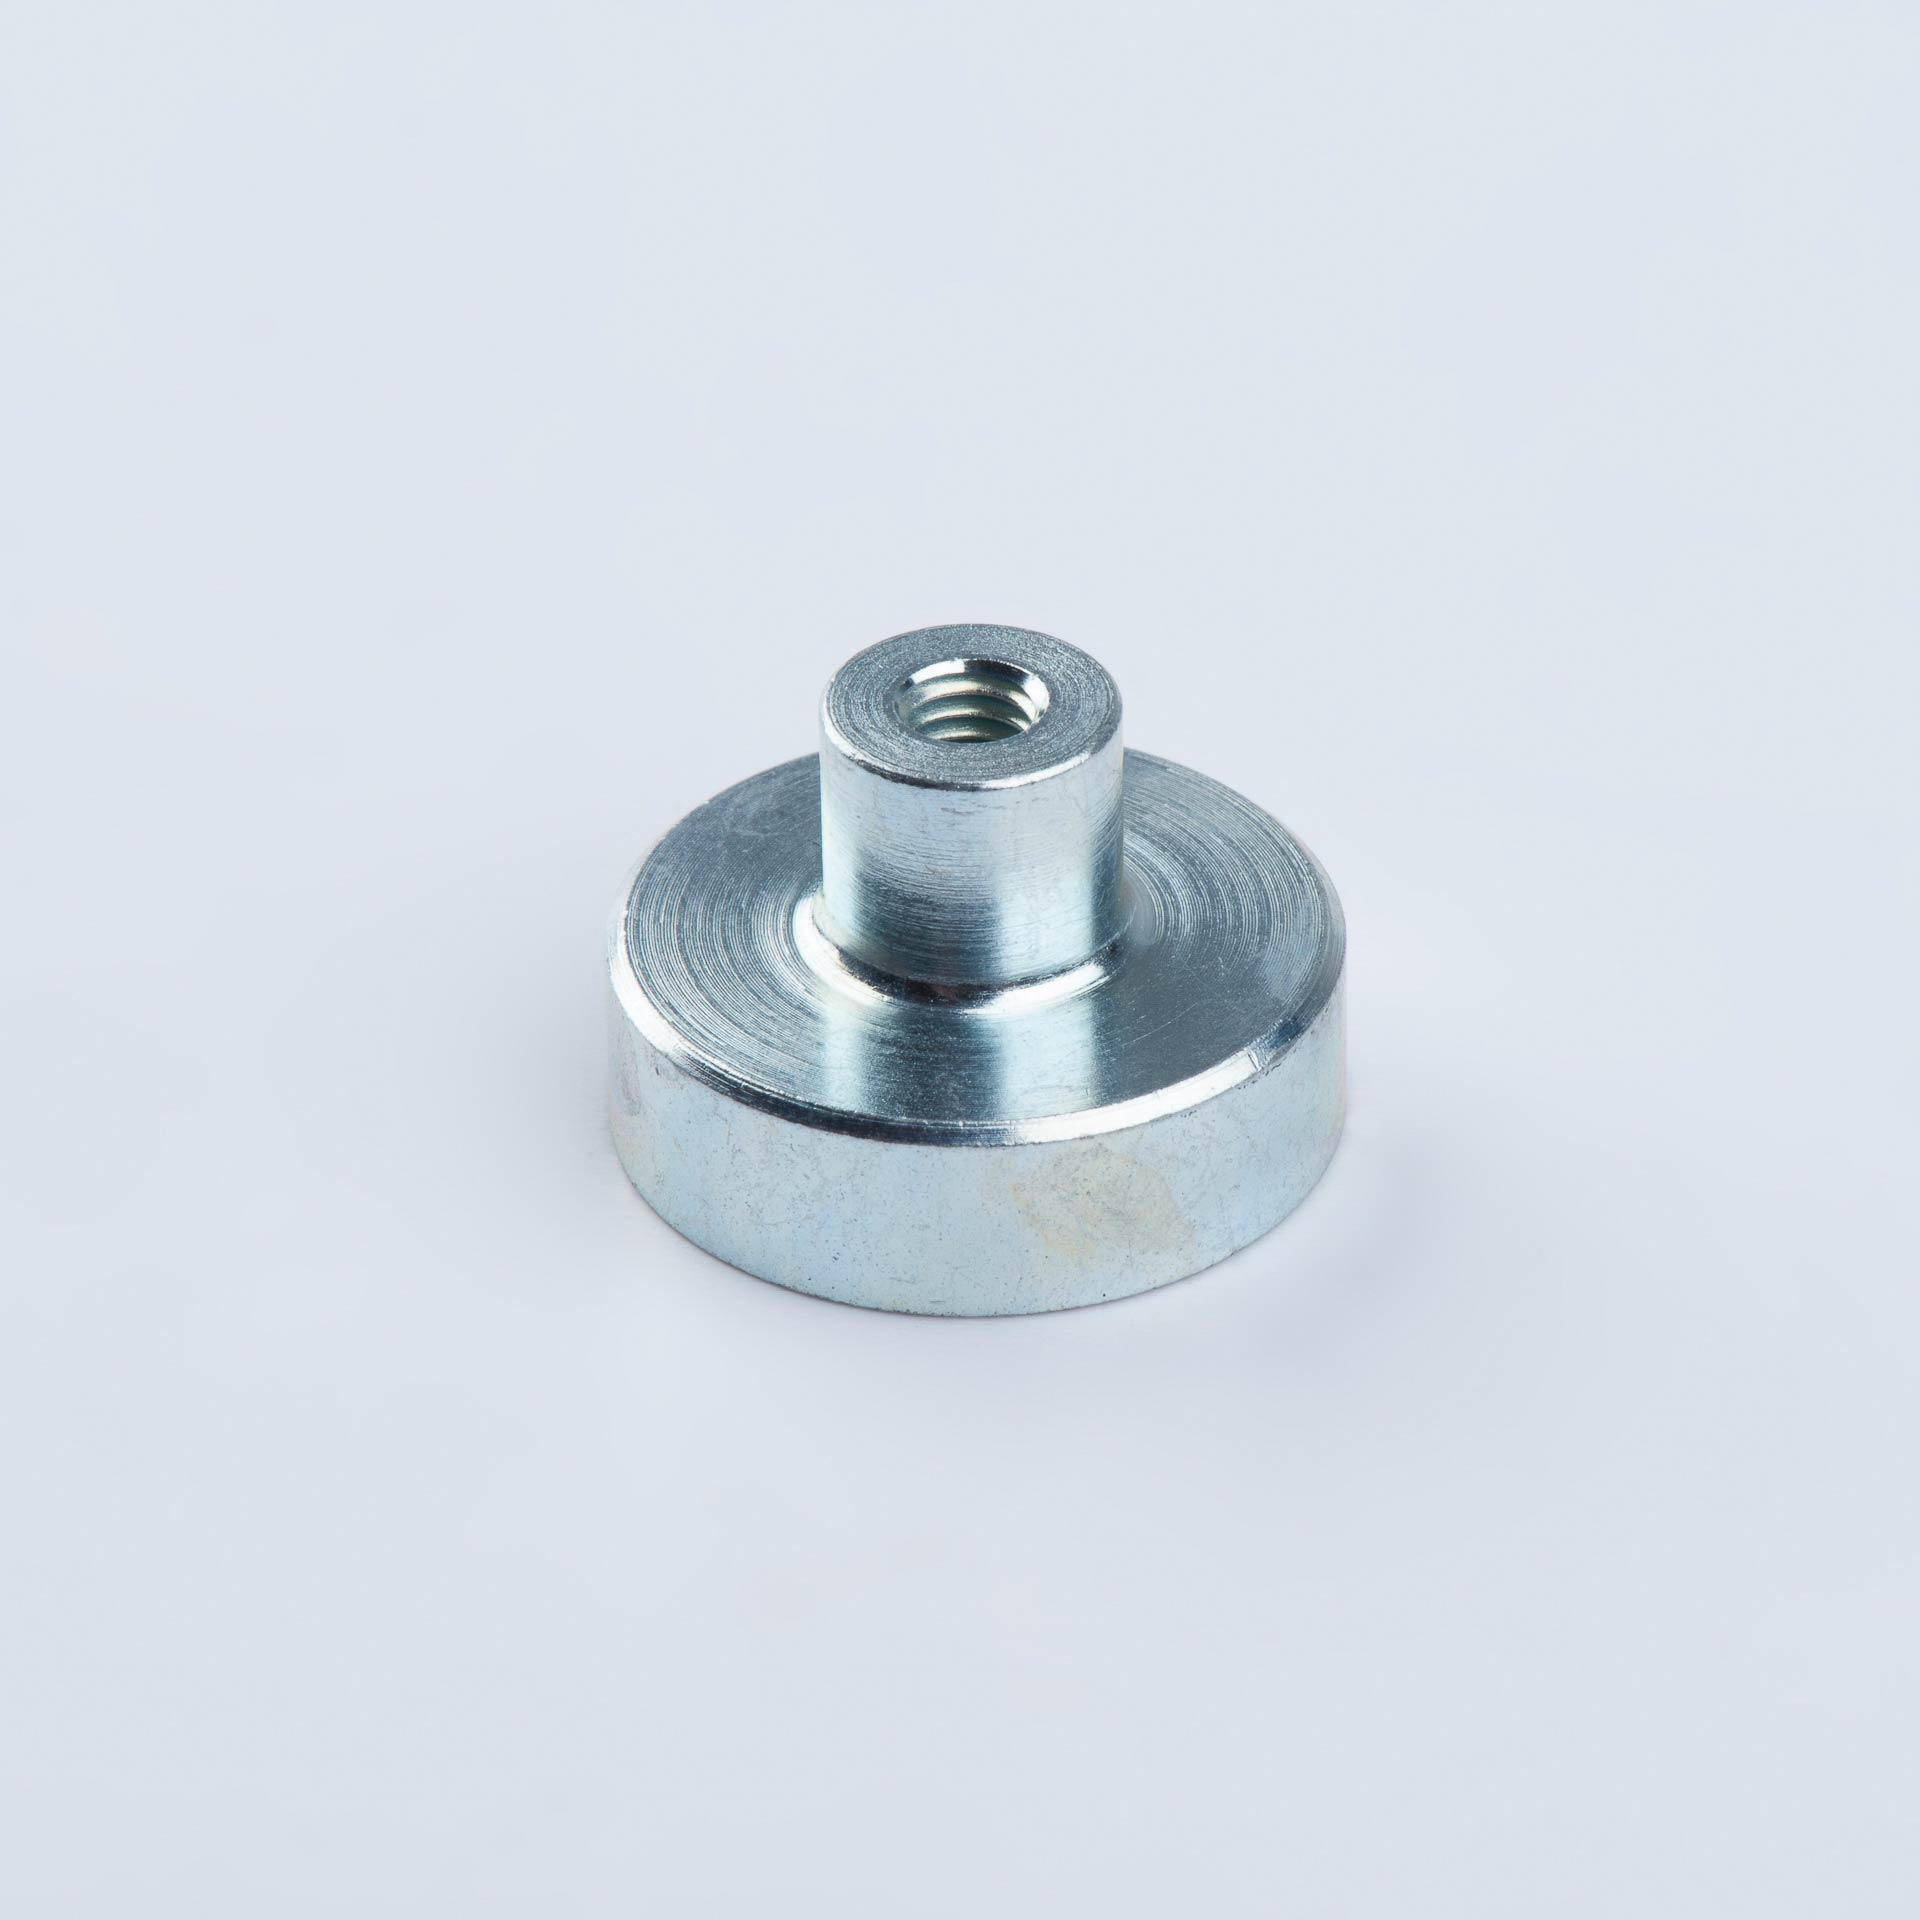 Flachgreifer aus SmCo, mit Gewindebuchse, verzinkt, thyssenkrupp Magnettechnik